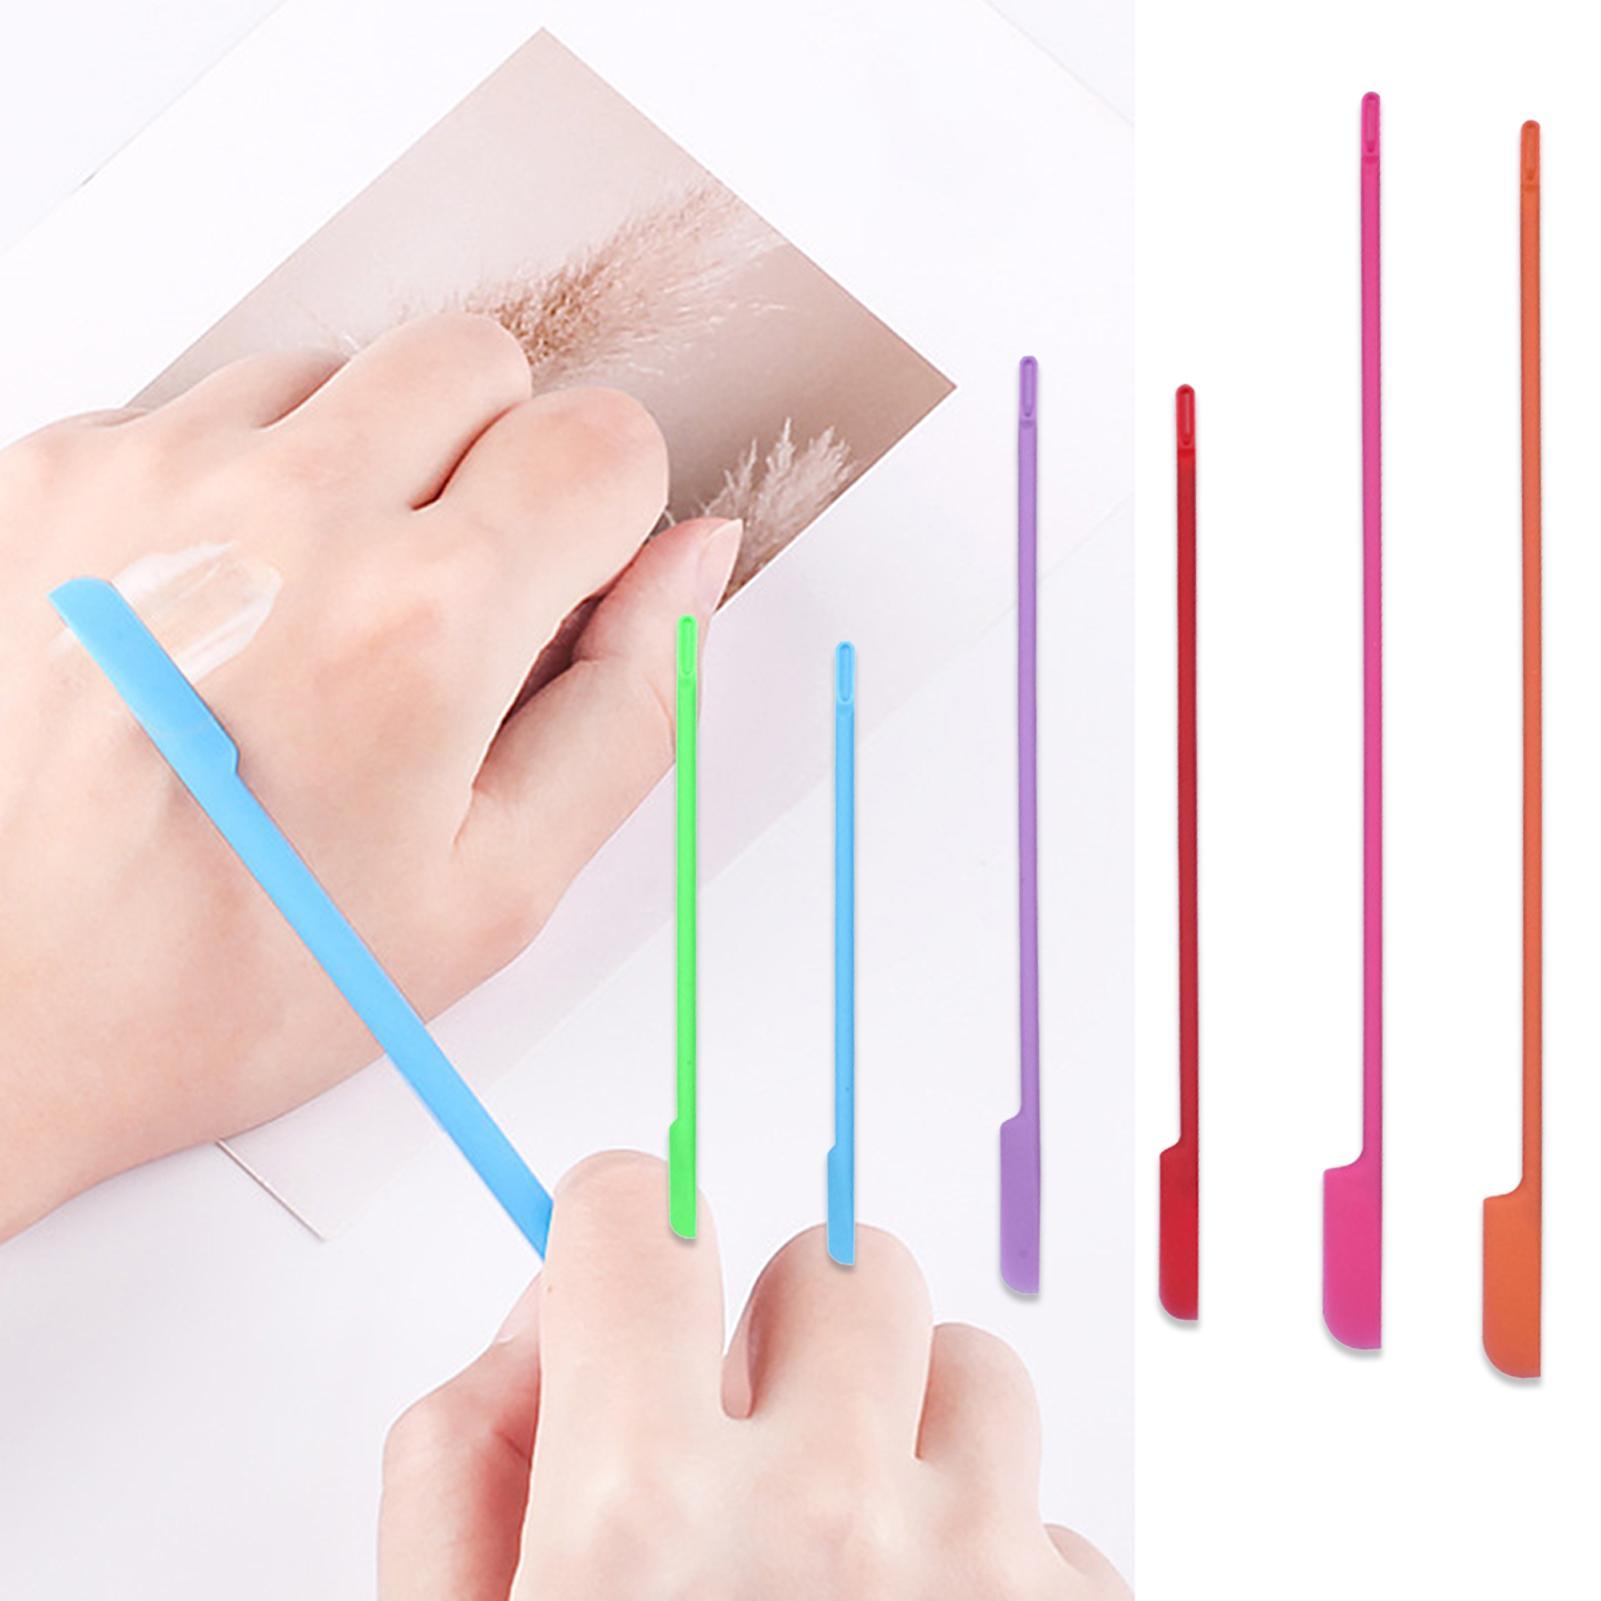 6 pçs mini kit de ferramentas de maquiagem espátula cosmética descartável raspador de silicone flexível reutilizável beleza cozinha segura última gota espátula